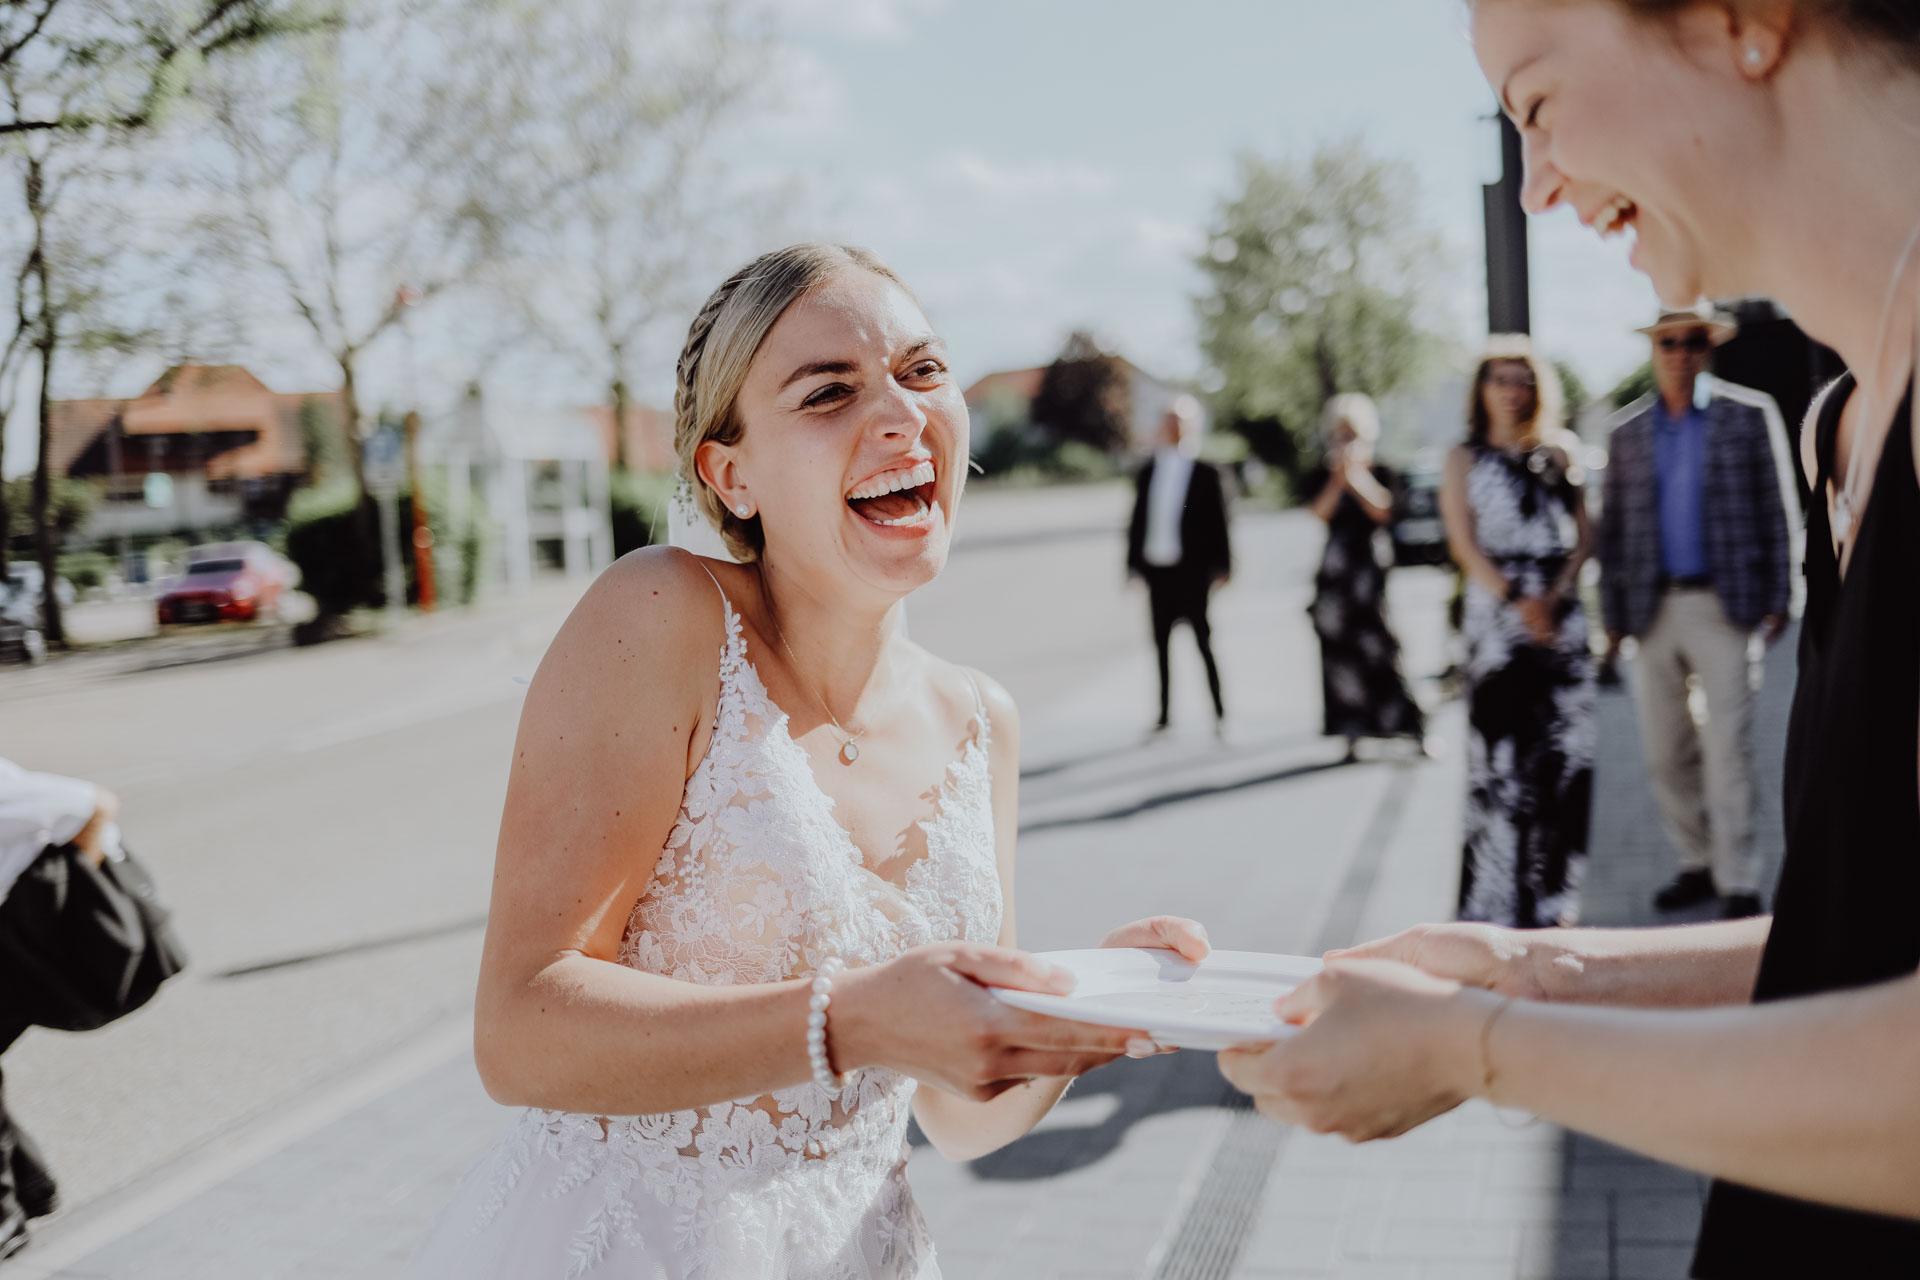 Braut mit Teller in der Hand